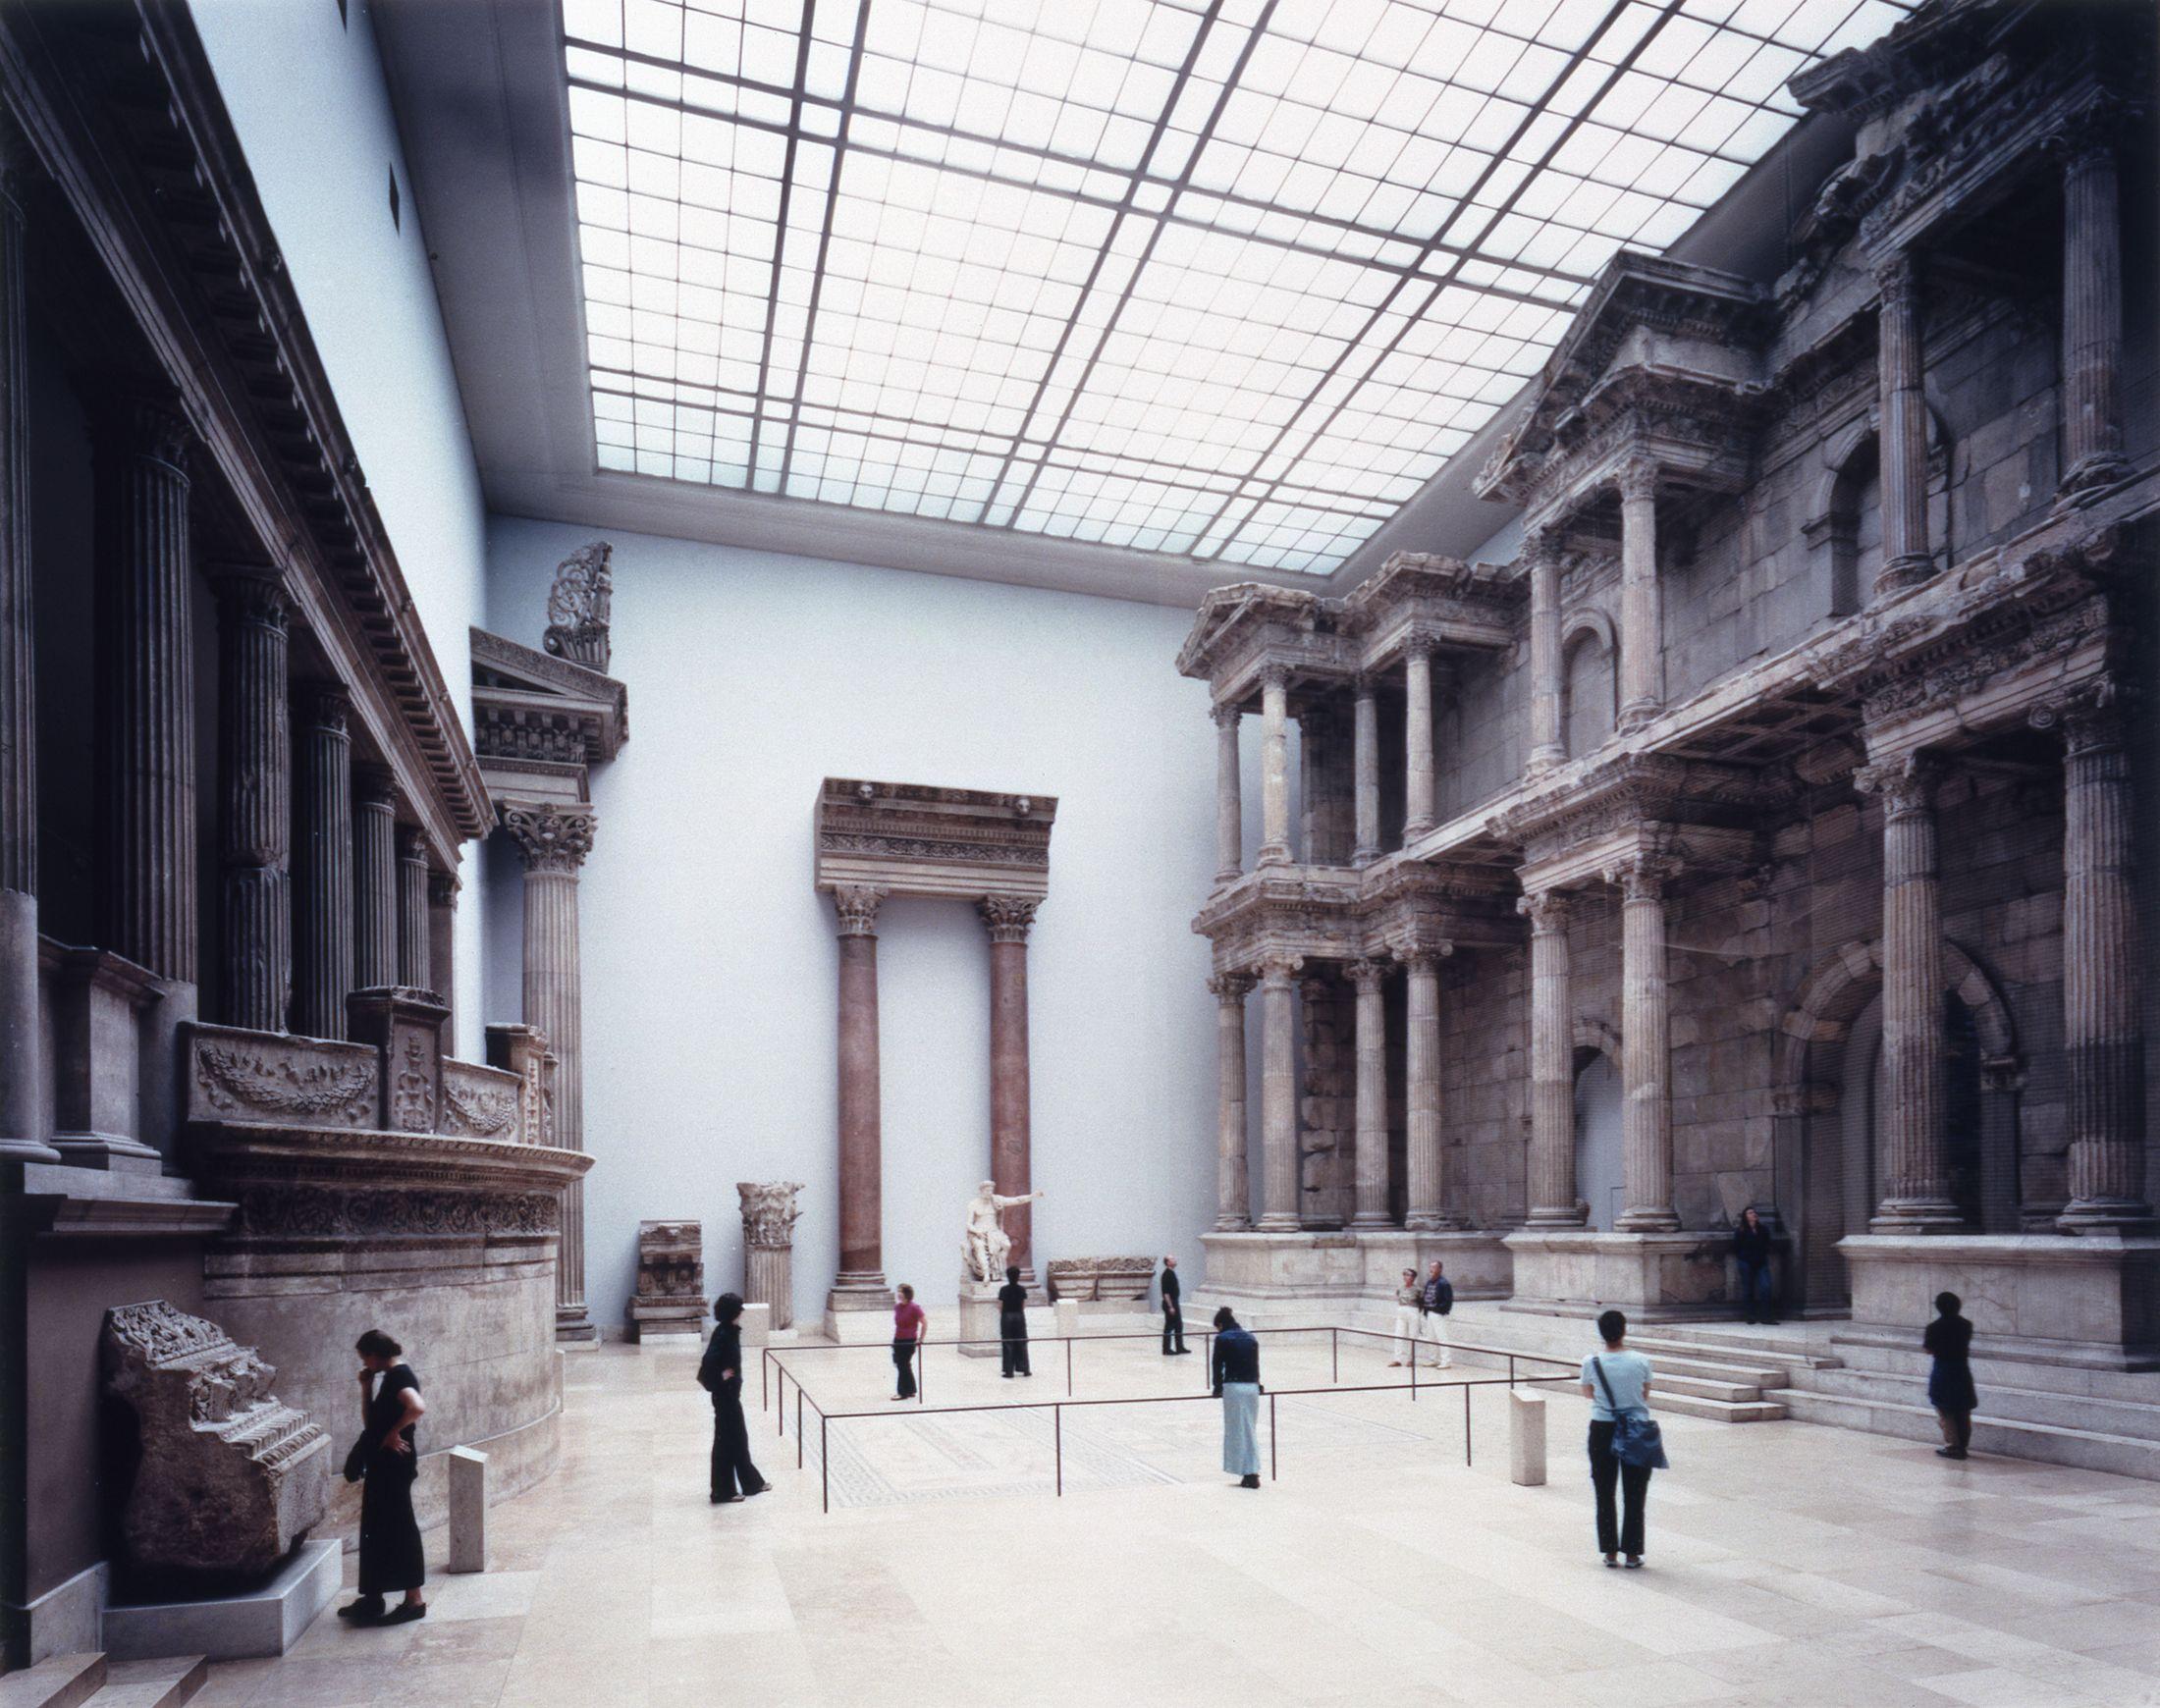 Pergamon Museum Ii Berlin In 2020 Pergamon Museum Pergamon Pergamon Museum Berlin